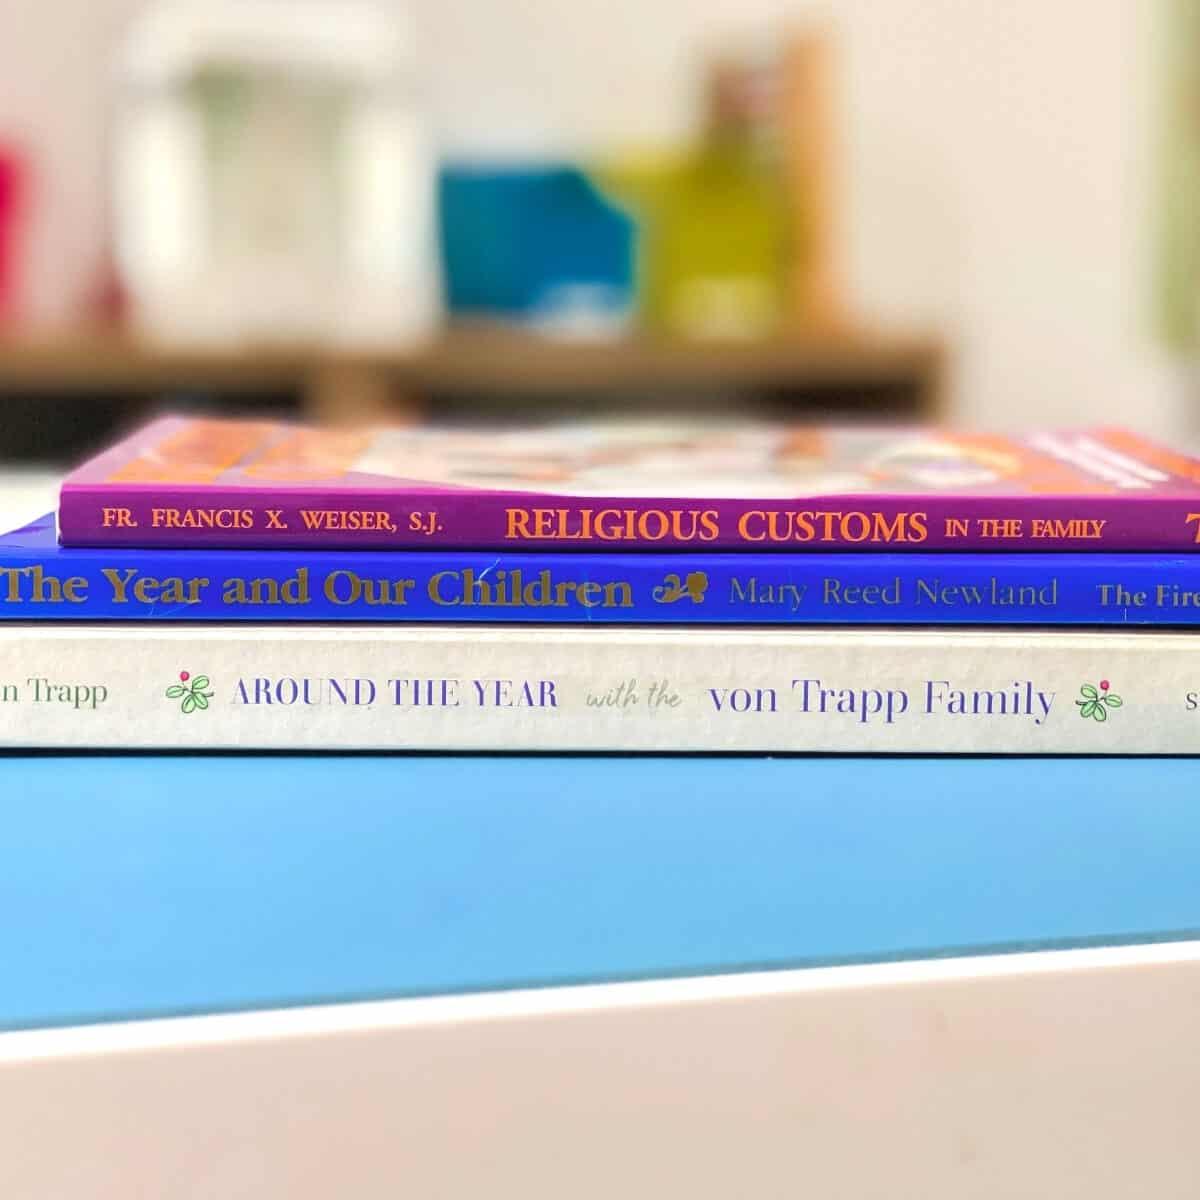 liturgical celebration book stack on a desk